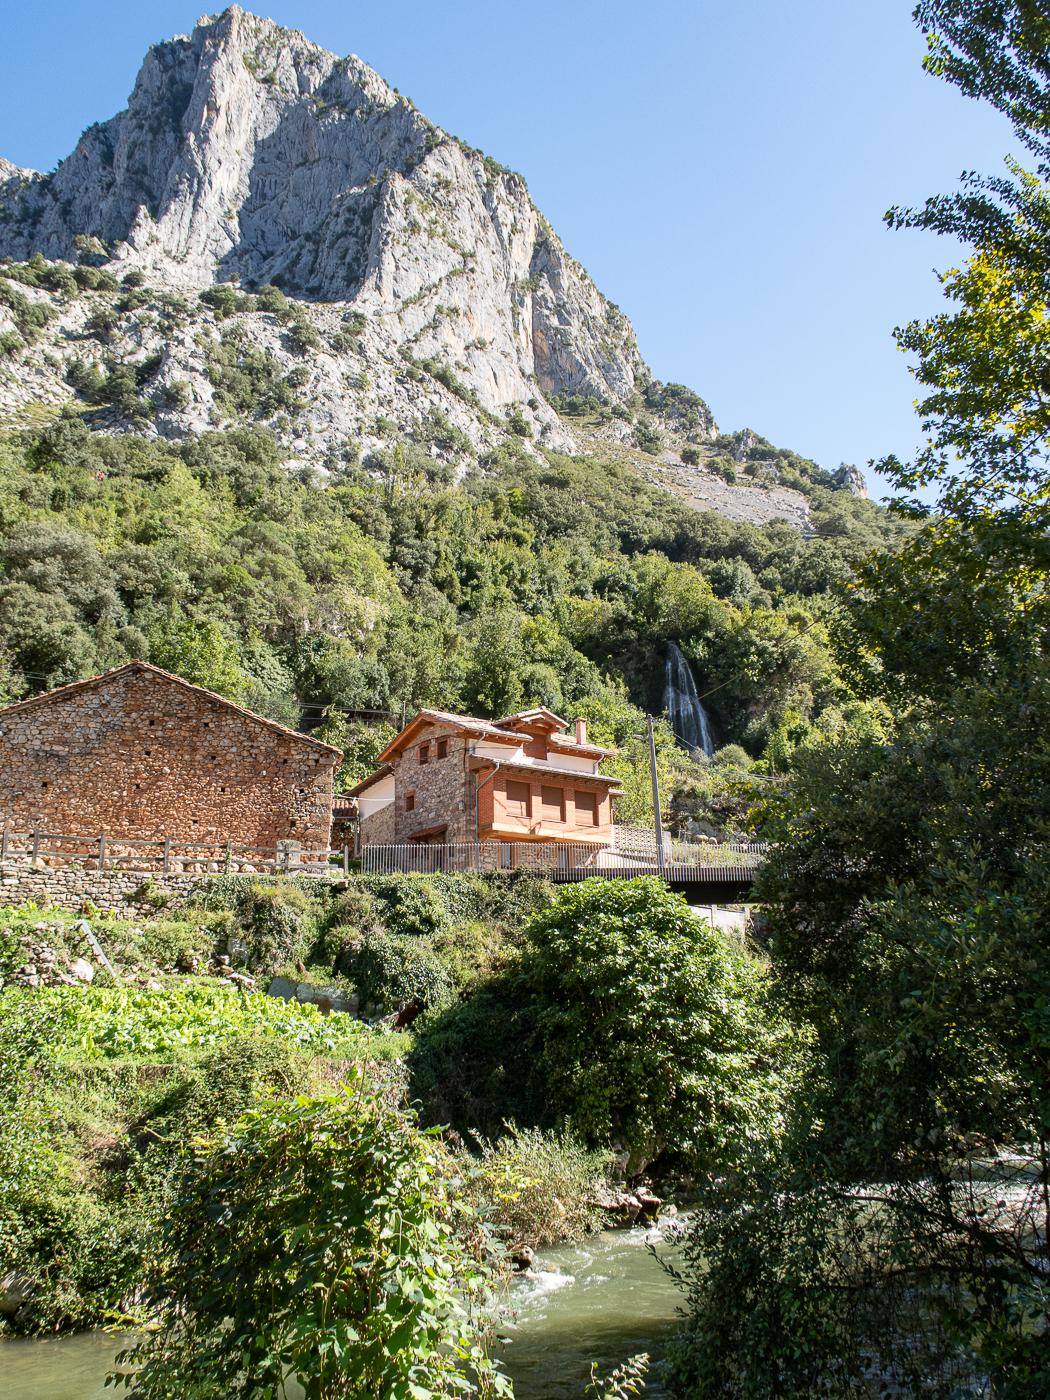 Mountain, house, river